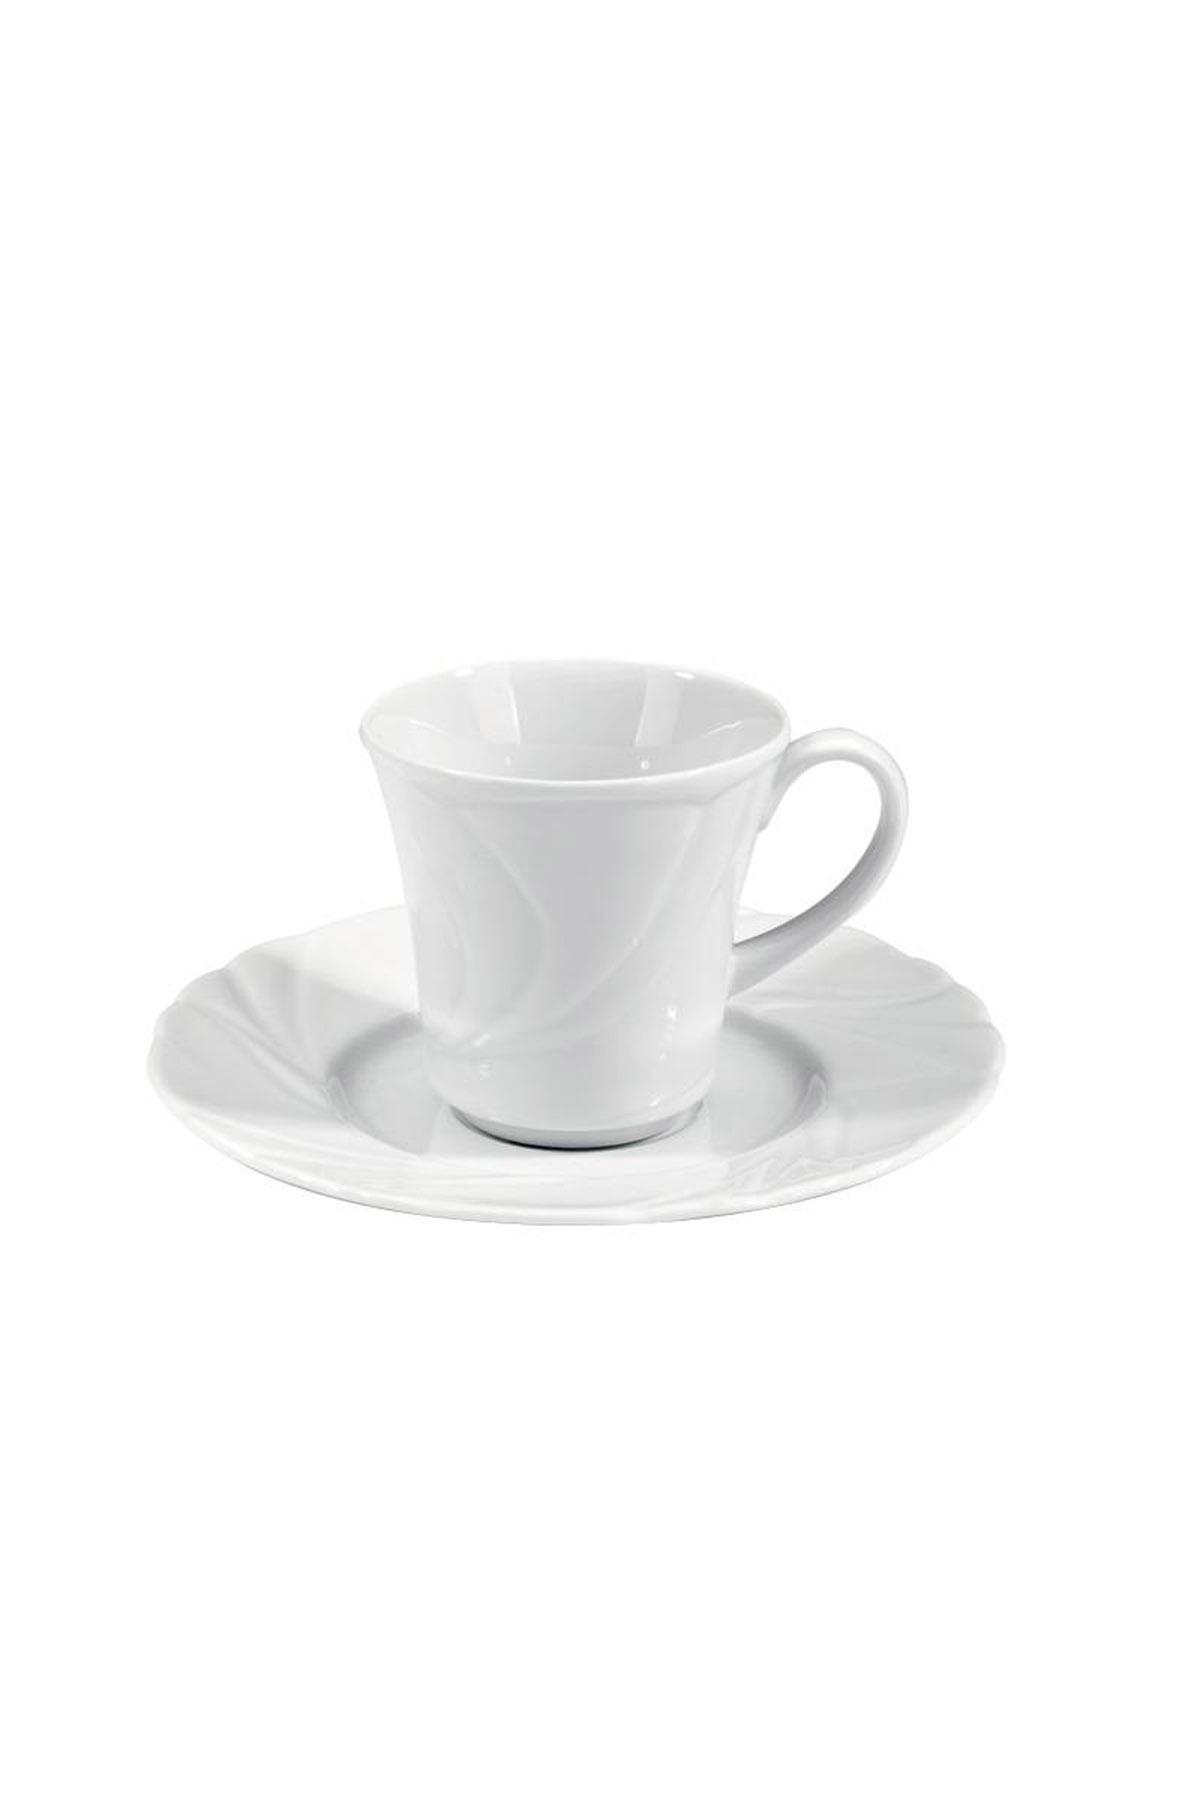 KÜTAHYA PORSELEN - Kütahya Porselen Troya Kahve Fincan Takımı